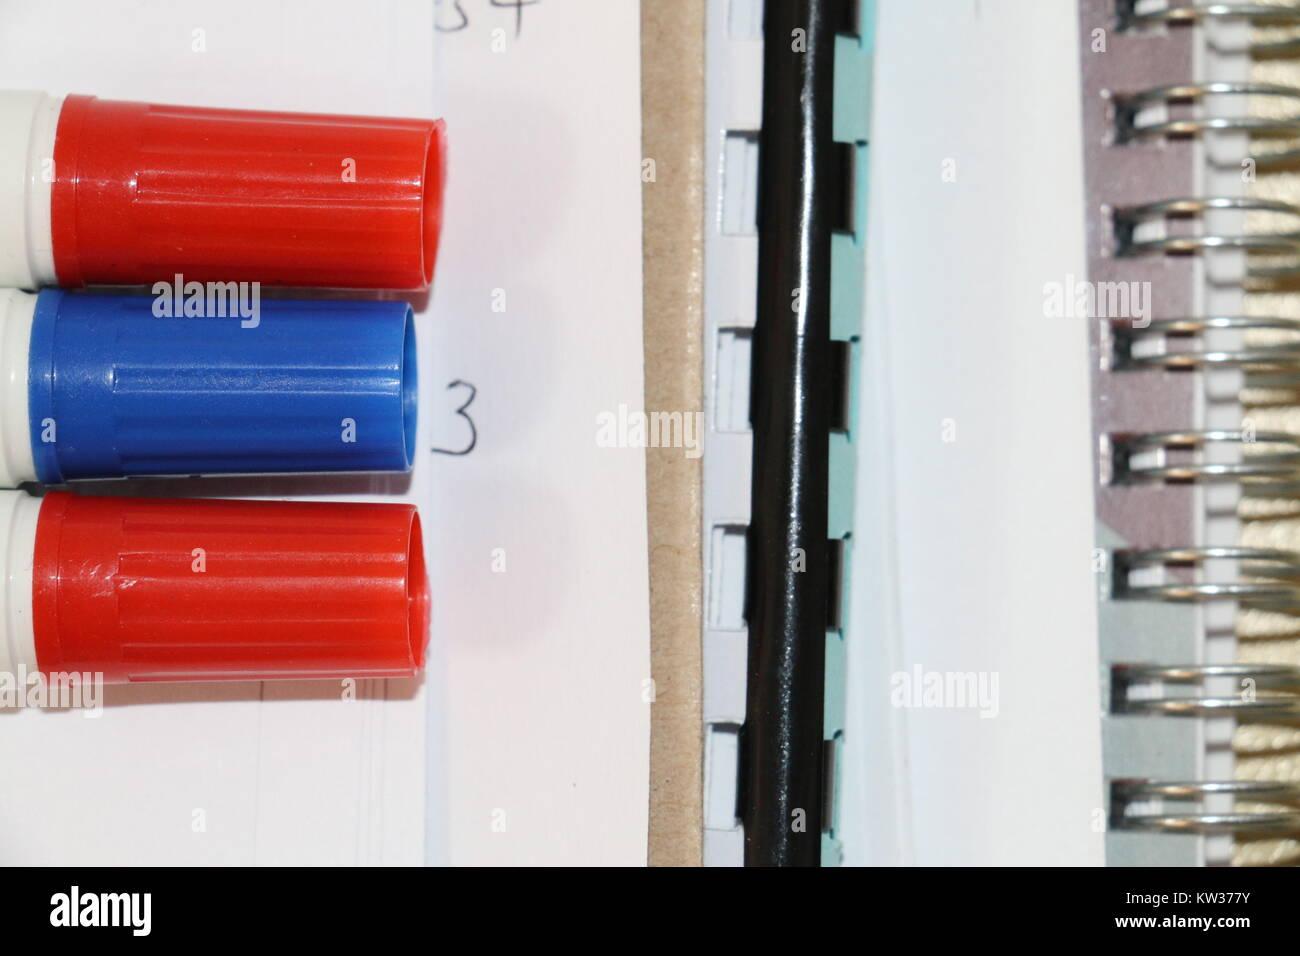 Rotuladores colocados sobre una mesa en la oficina. Bueno para el diseño de contenidos educativos. Imagen De Stock